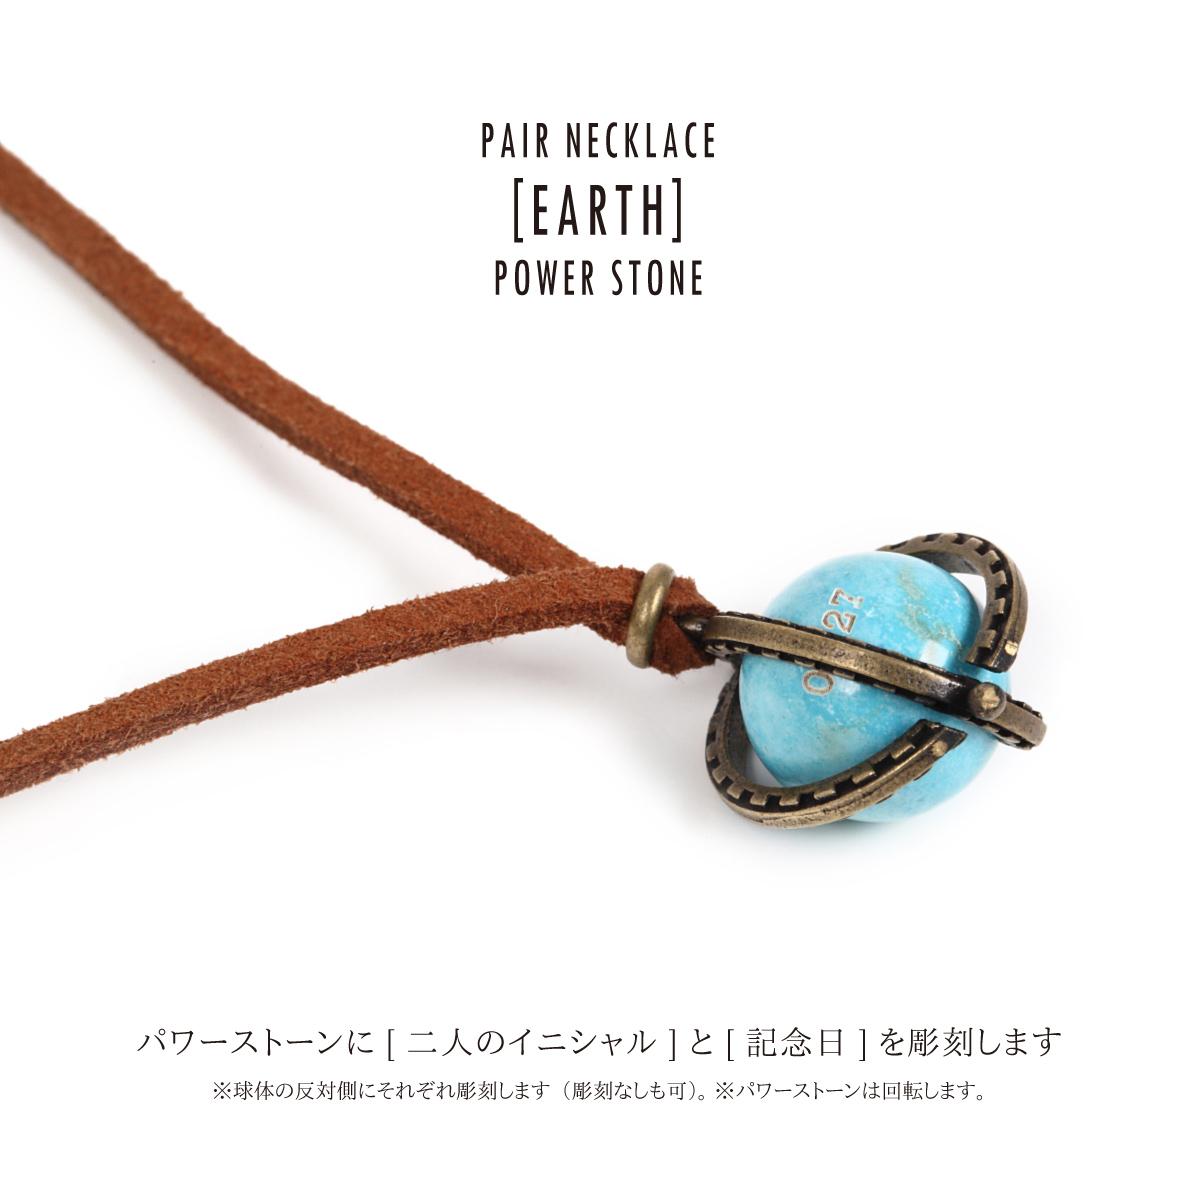 Lauss ペア ネックレス パワーストーンとフェイクレザーのペアネックレス [アース] 地球儀 イニシャル・記念日彫刻 opp00048 conpact